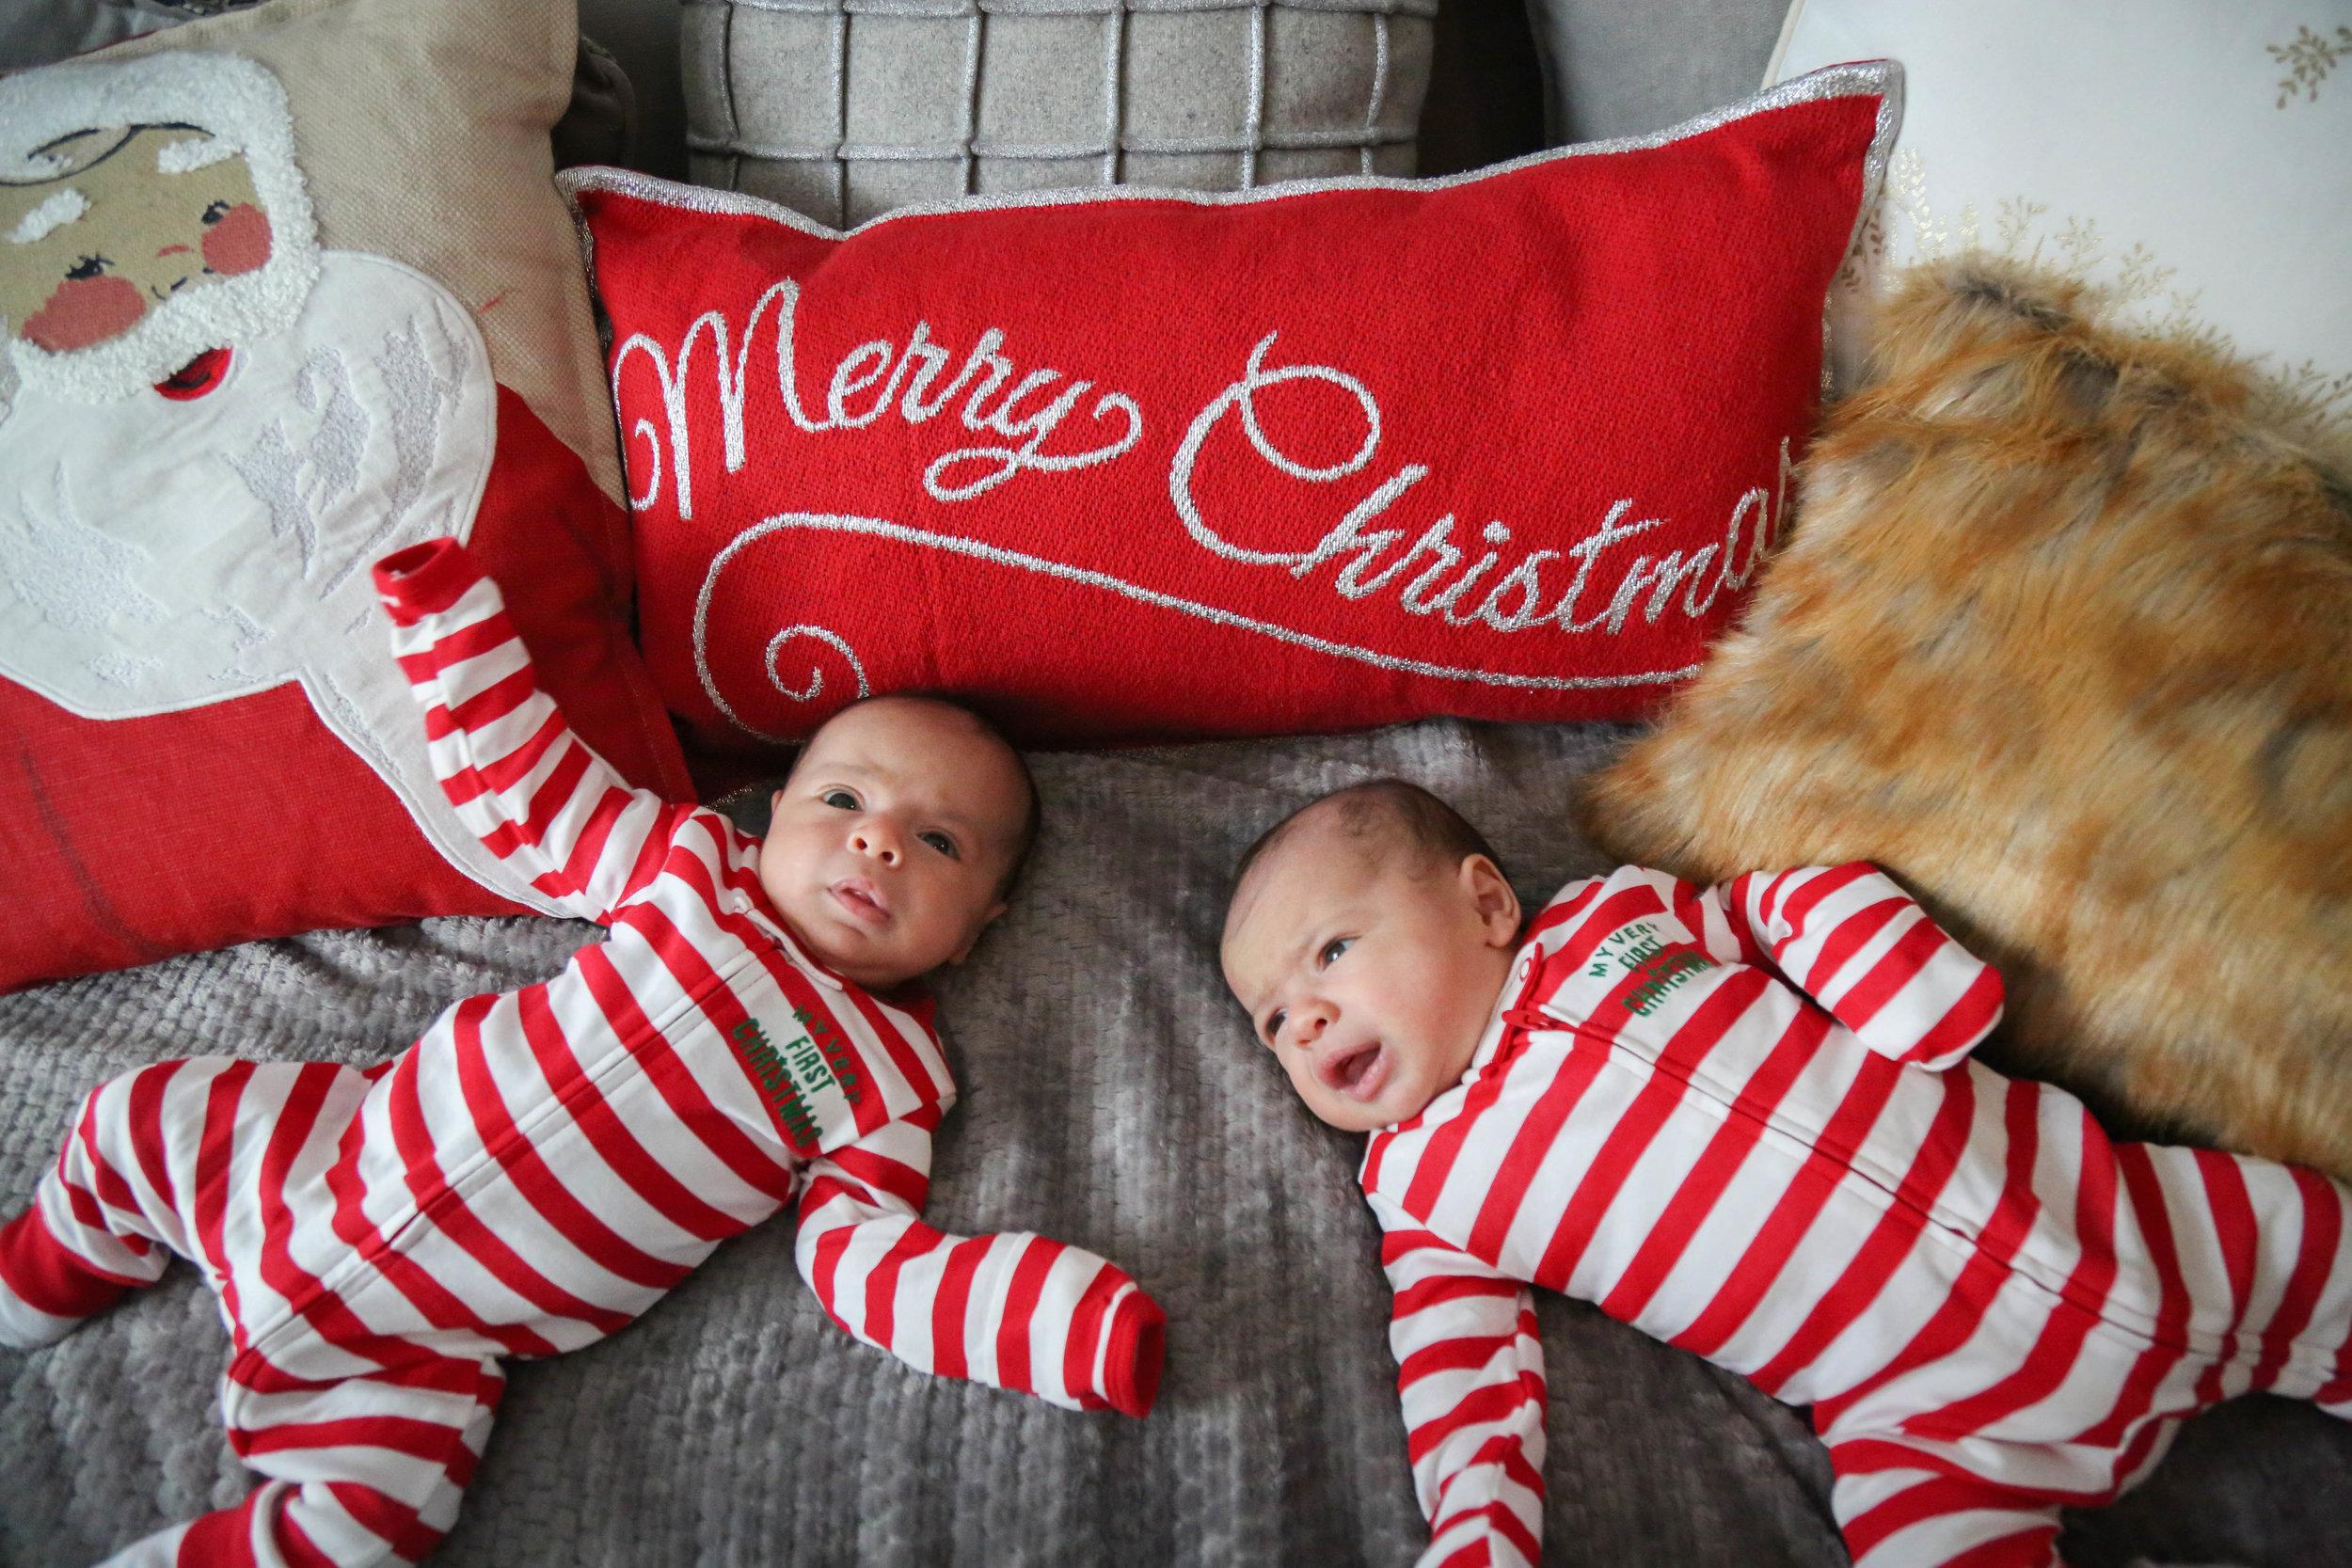 Nino Christmas 120317 (18 of 35).jpg